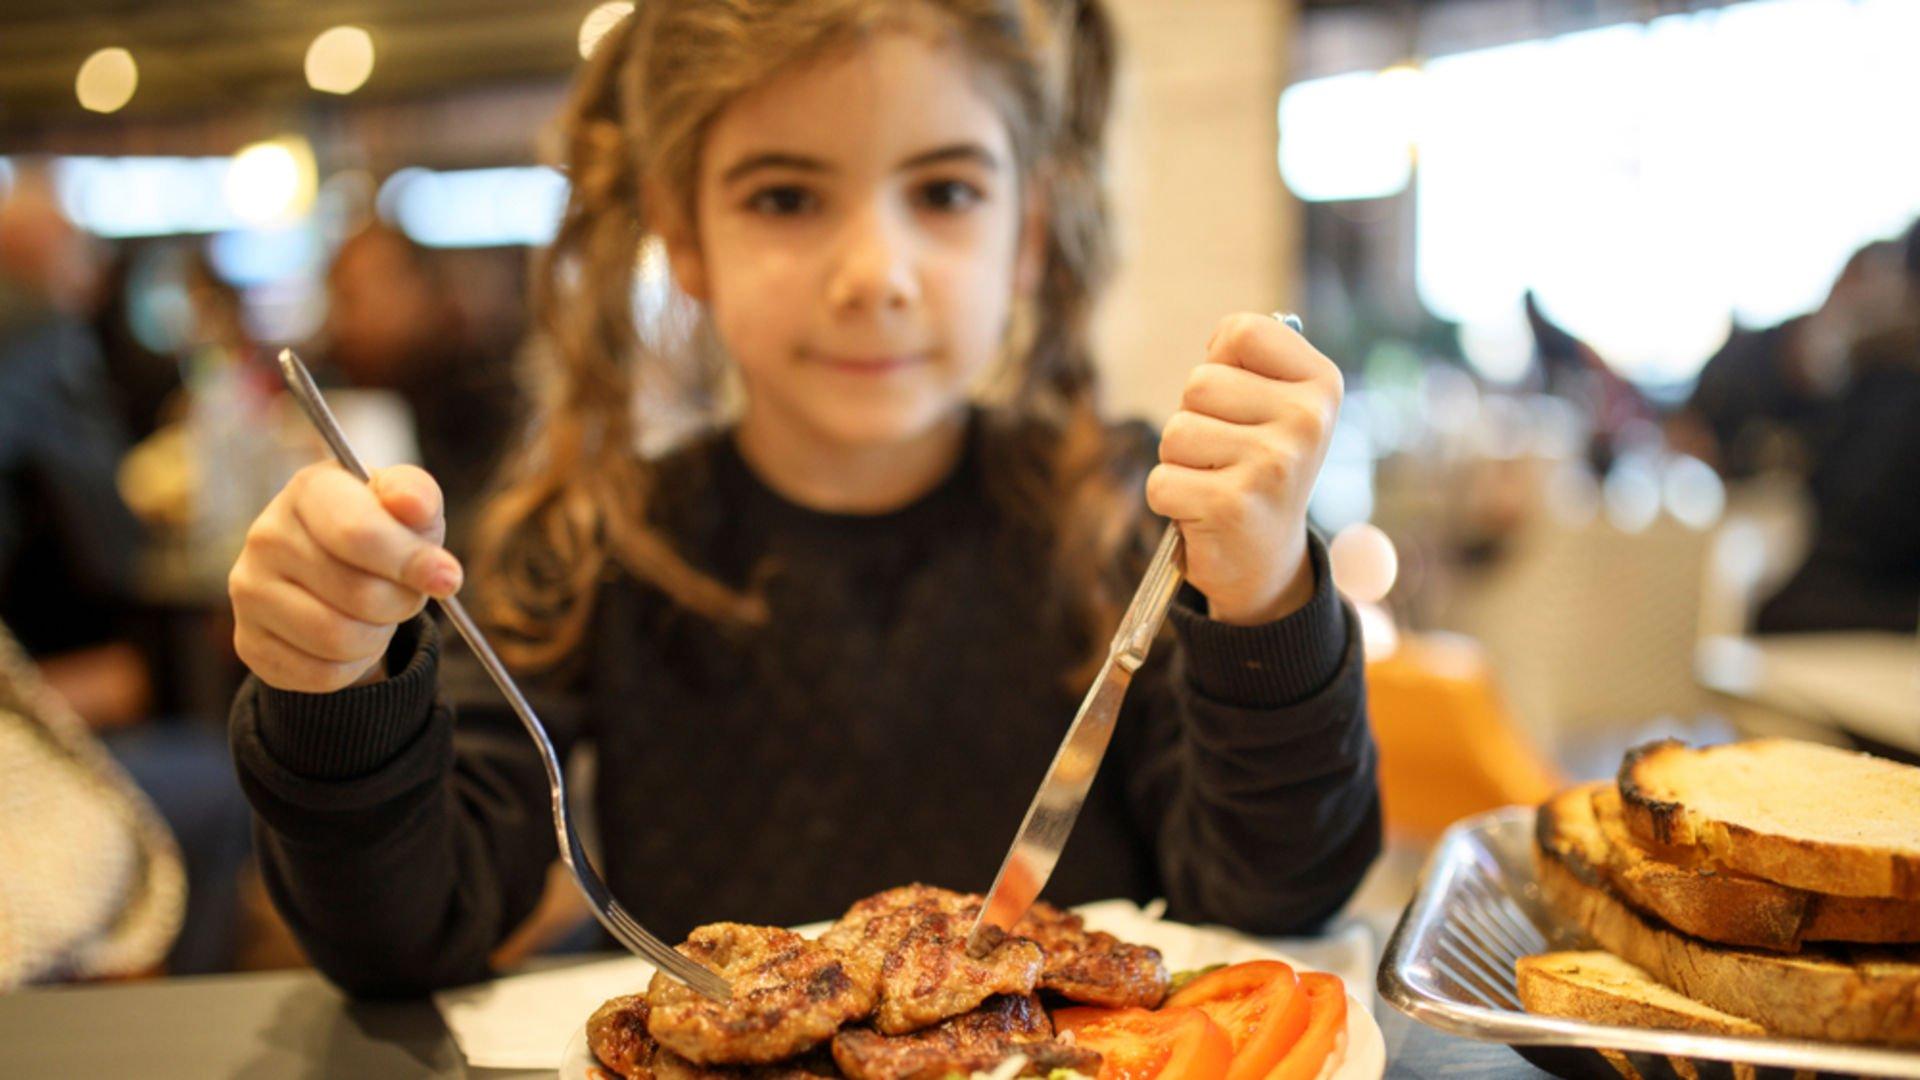 Kırmızı et çocuklar için gerçekten zararlı mı?